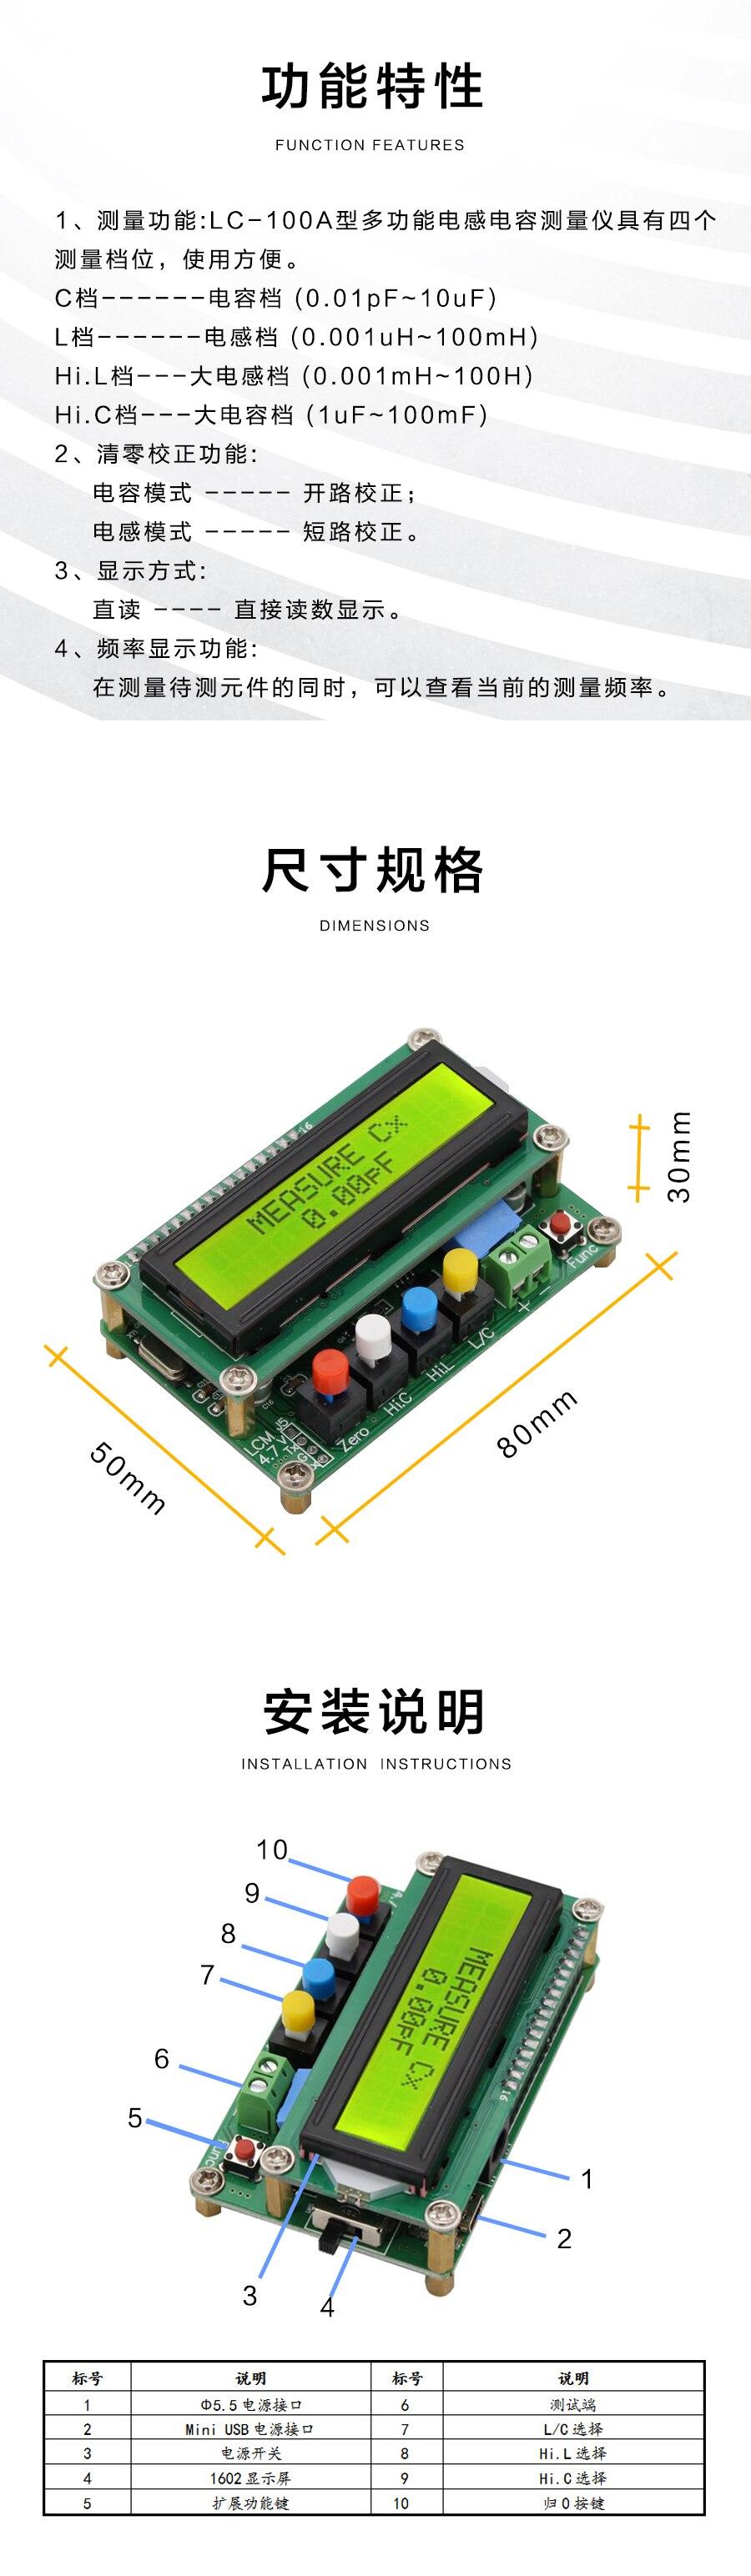 LC100-A полнофункциональный индуктор и измеритель емкости, измеритель индуктивности Измеритель lc